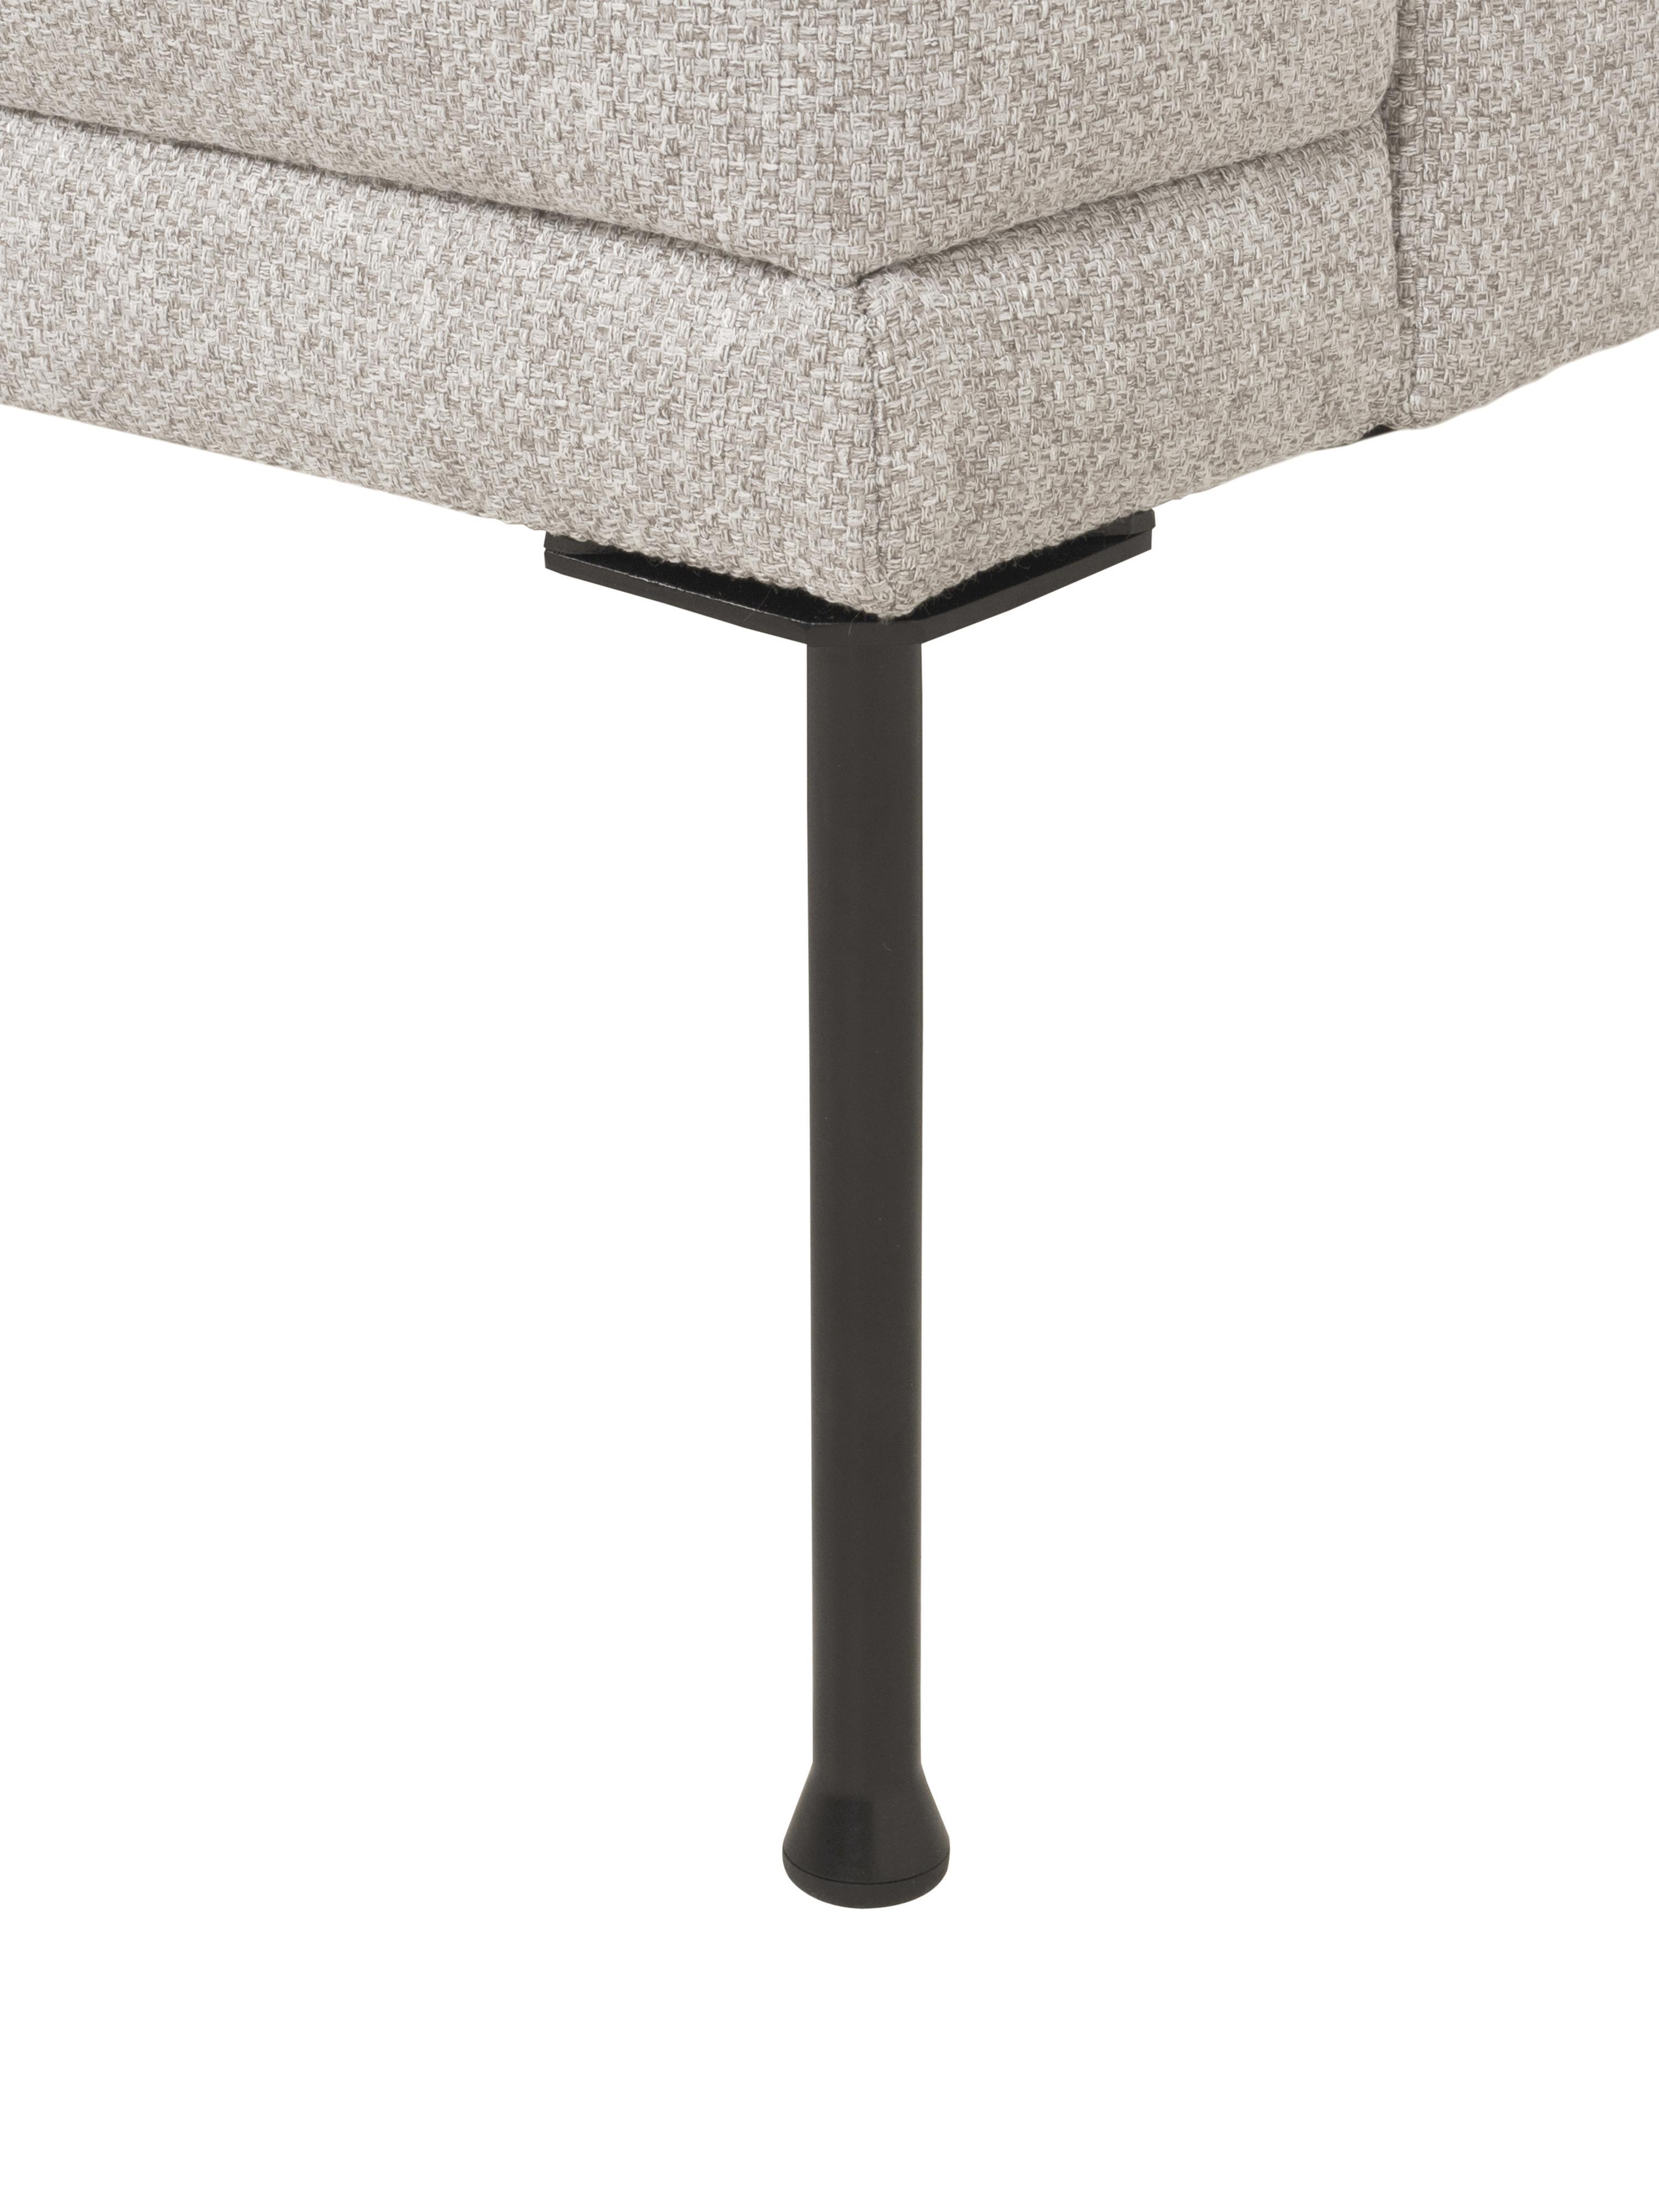 Sofa Fluente (2-Sitzer), Bezug: 80% Polyester, 20% Ramie , Gestell: Massives Kiefernholz, Füße: Metall, pulverbeschichtet, Webstoff Beige, B 166 x T 85 cm